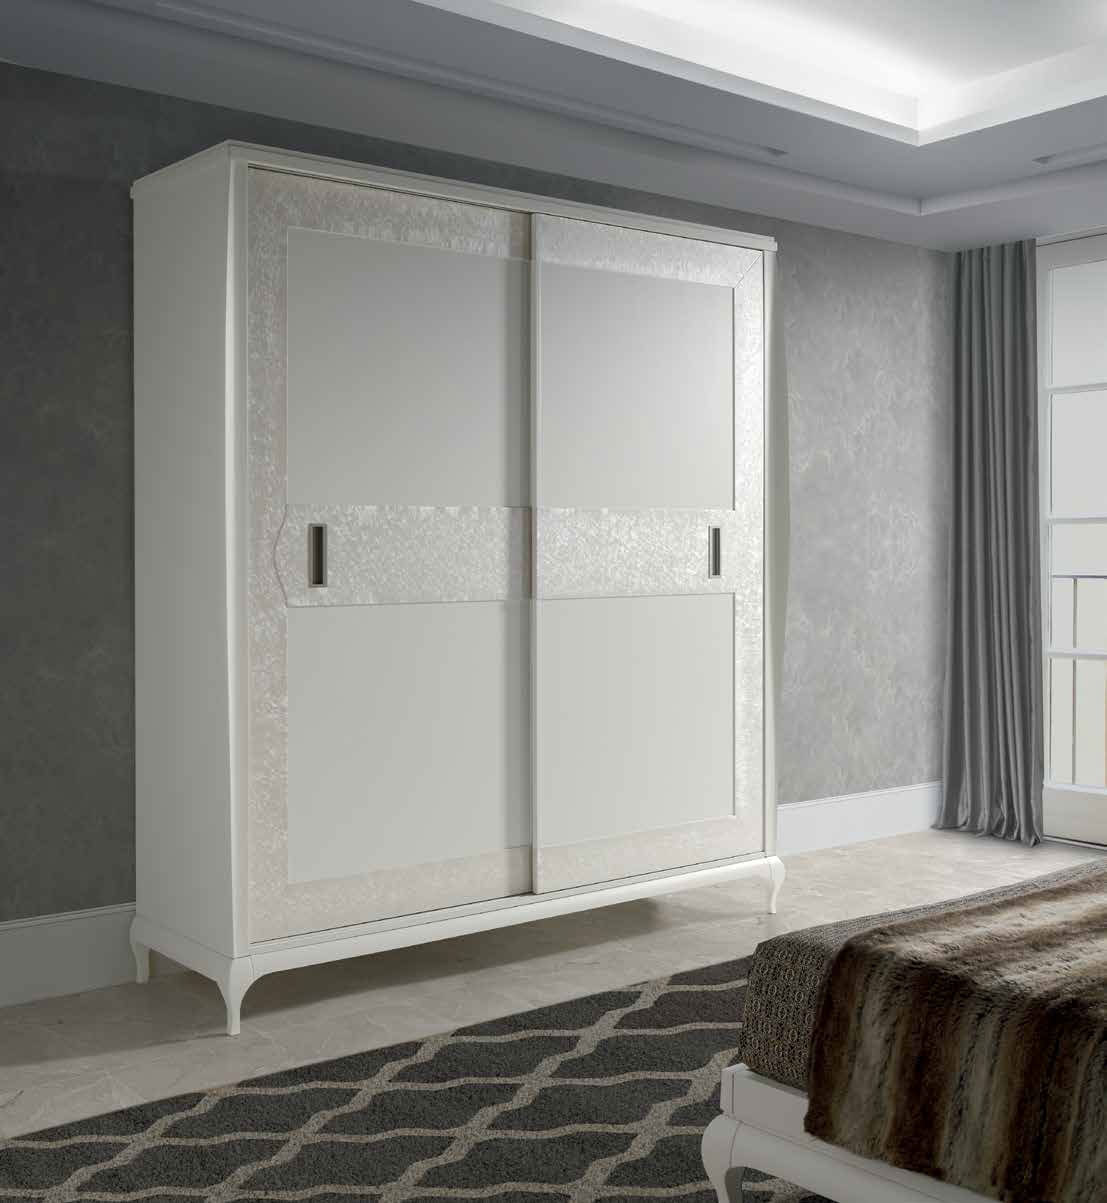 queen-collection-dormitorio-icaro-06-armario